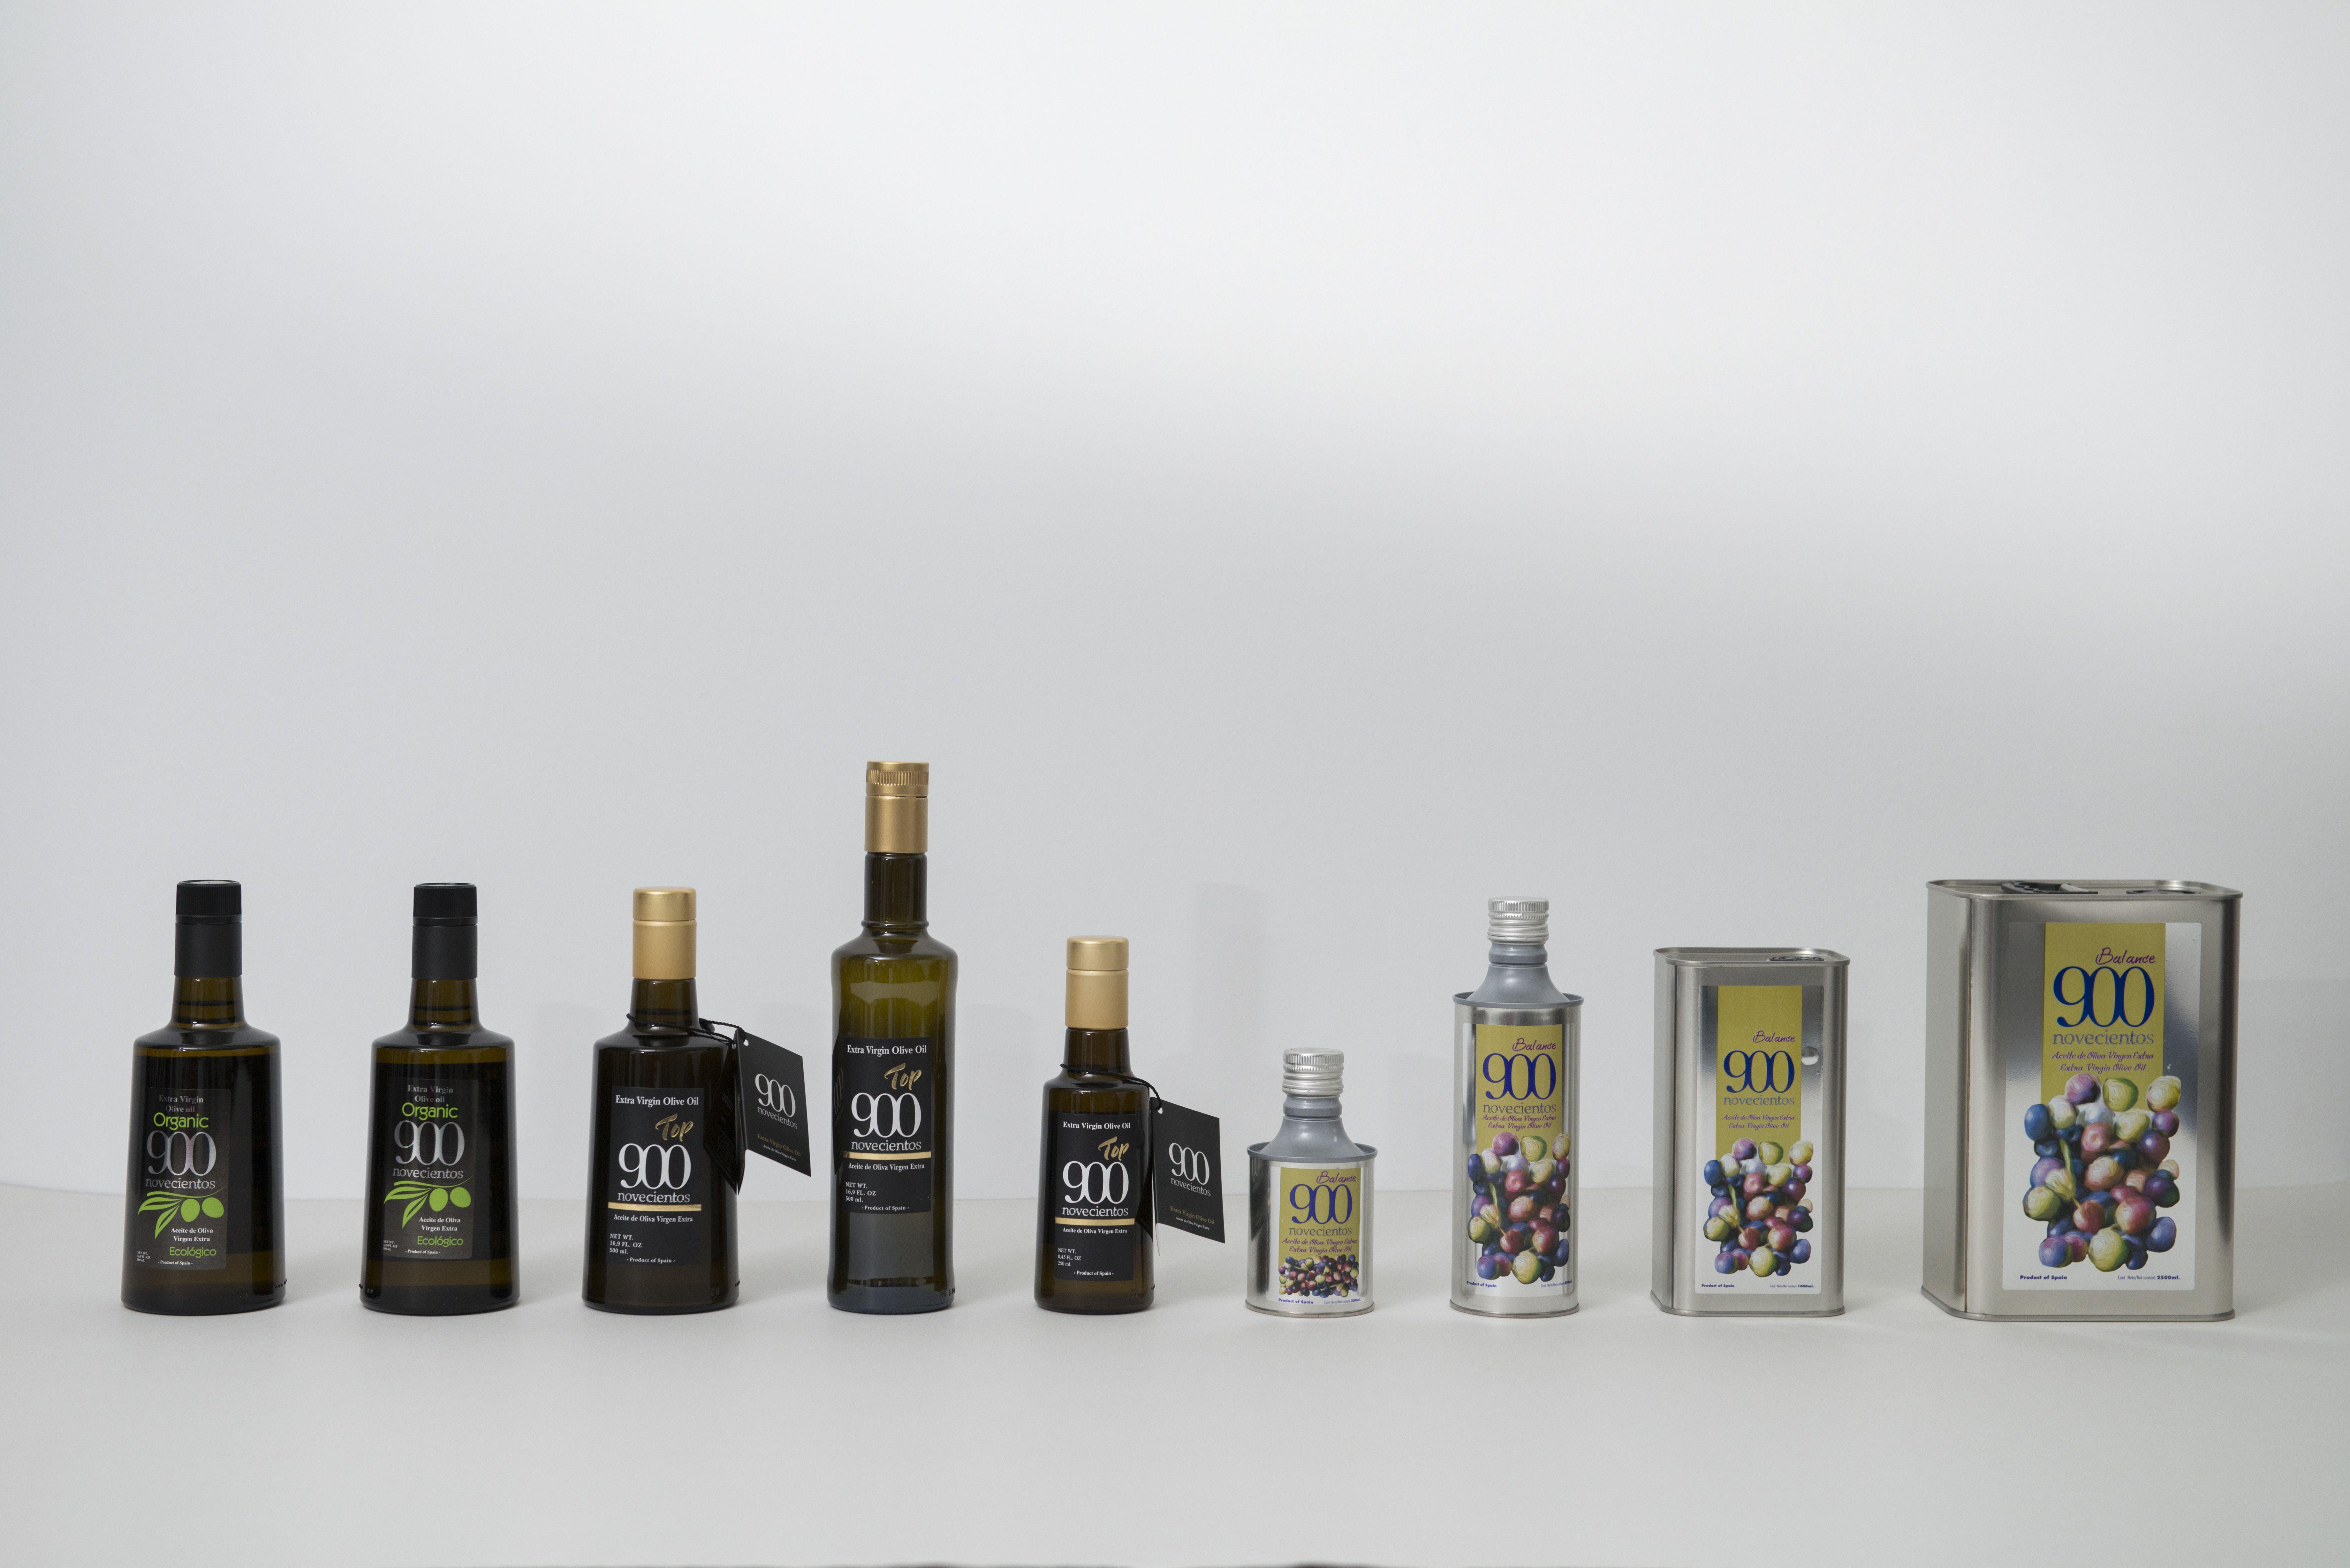 Calidad extra en aceite en Jaén